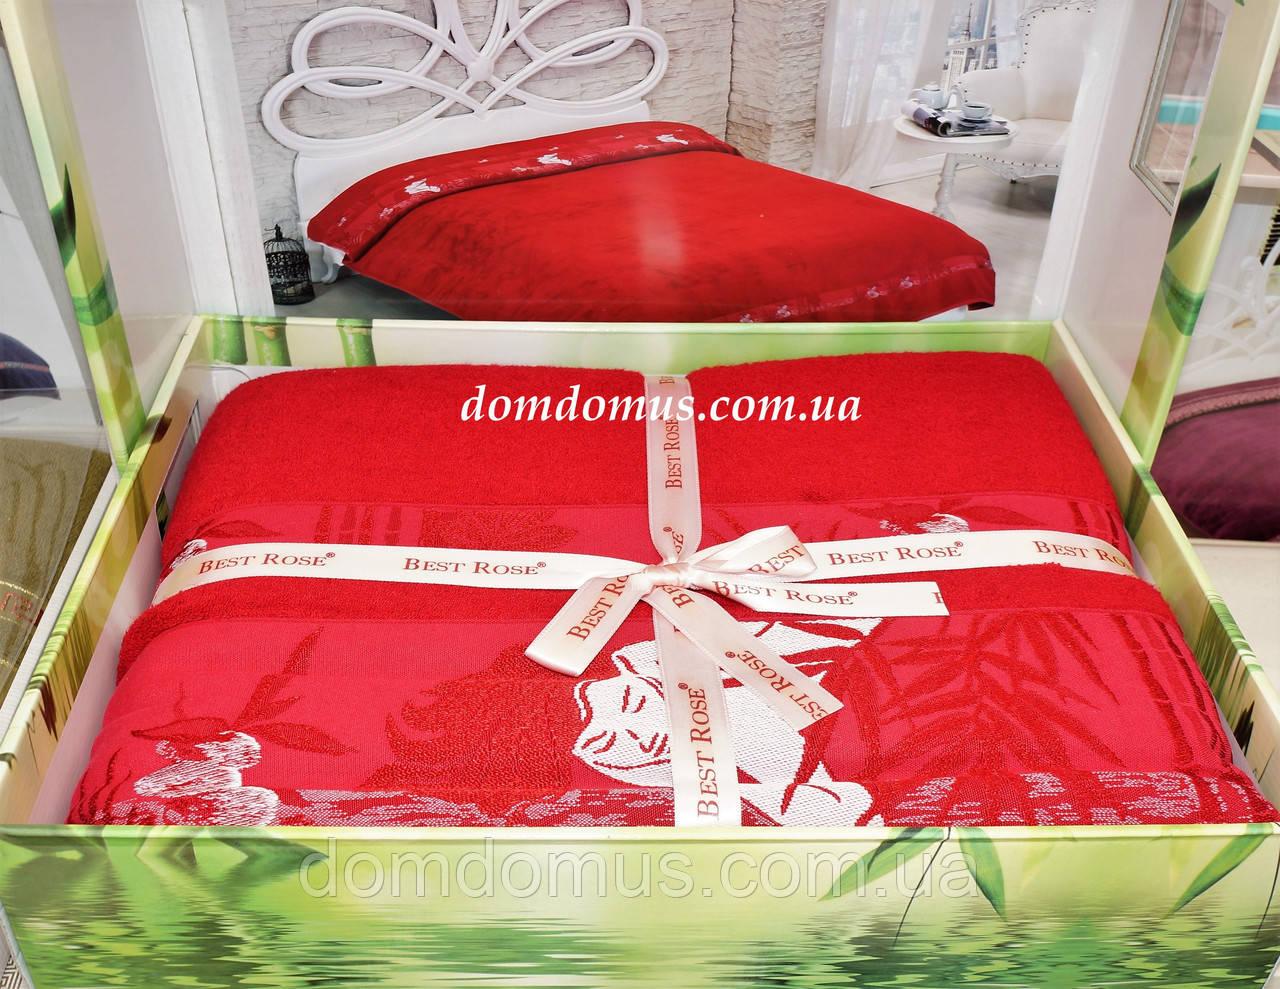 Махровая простынь Best Rose Bamboo 200*220, красная